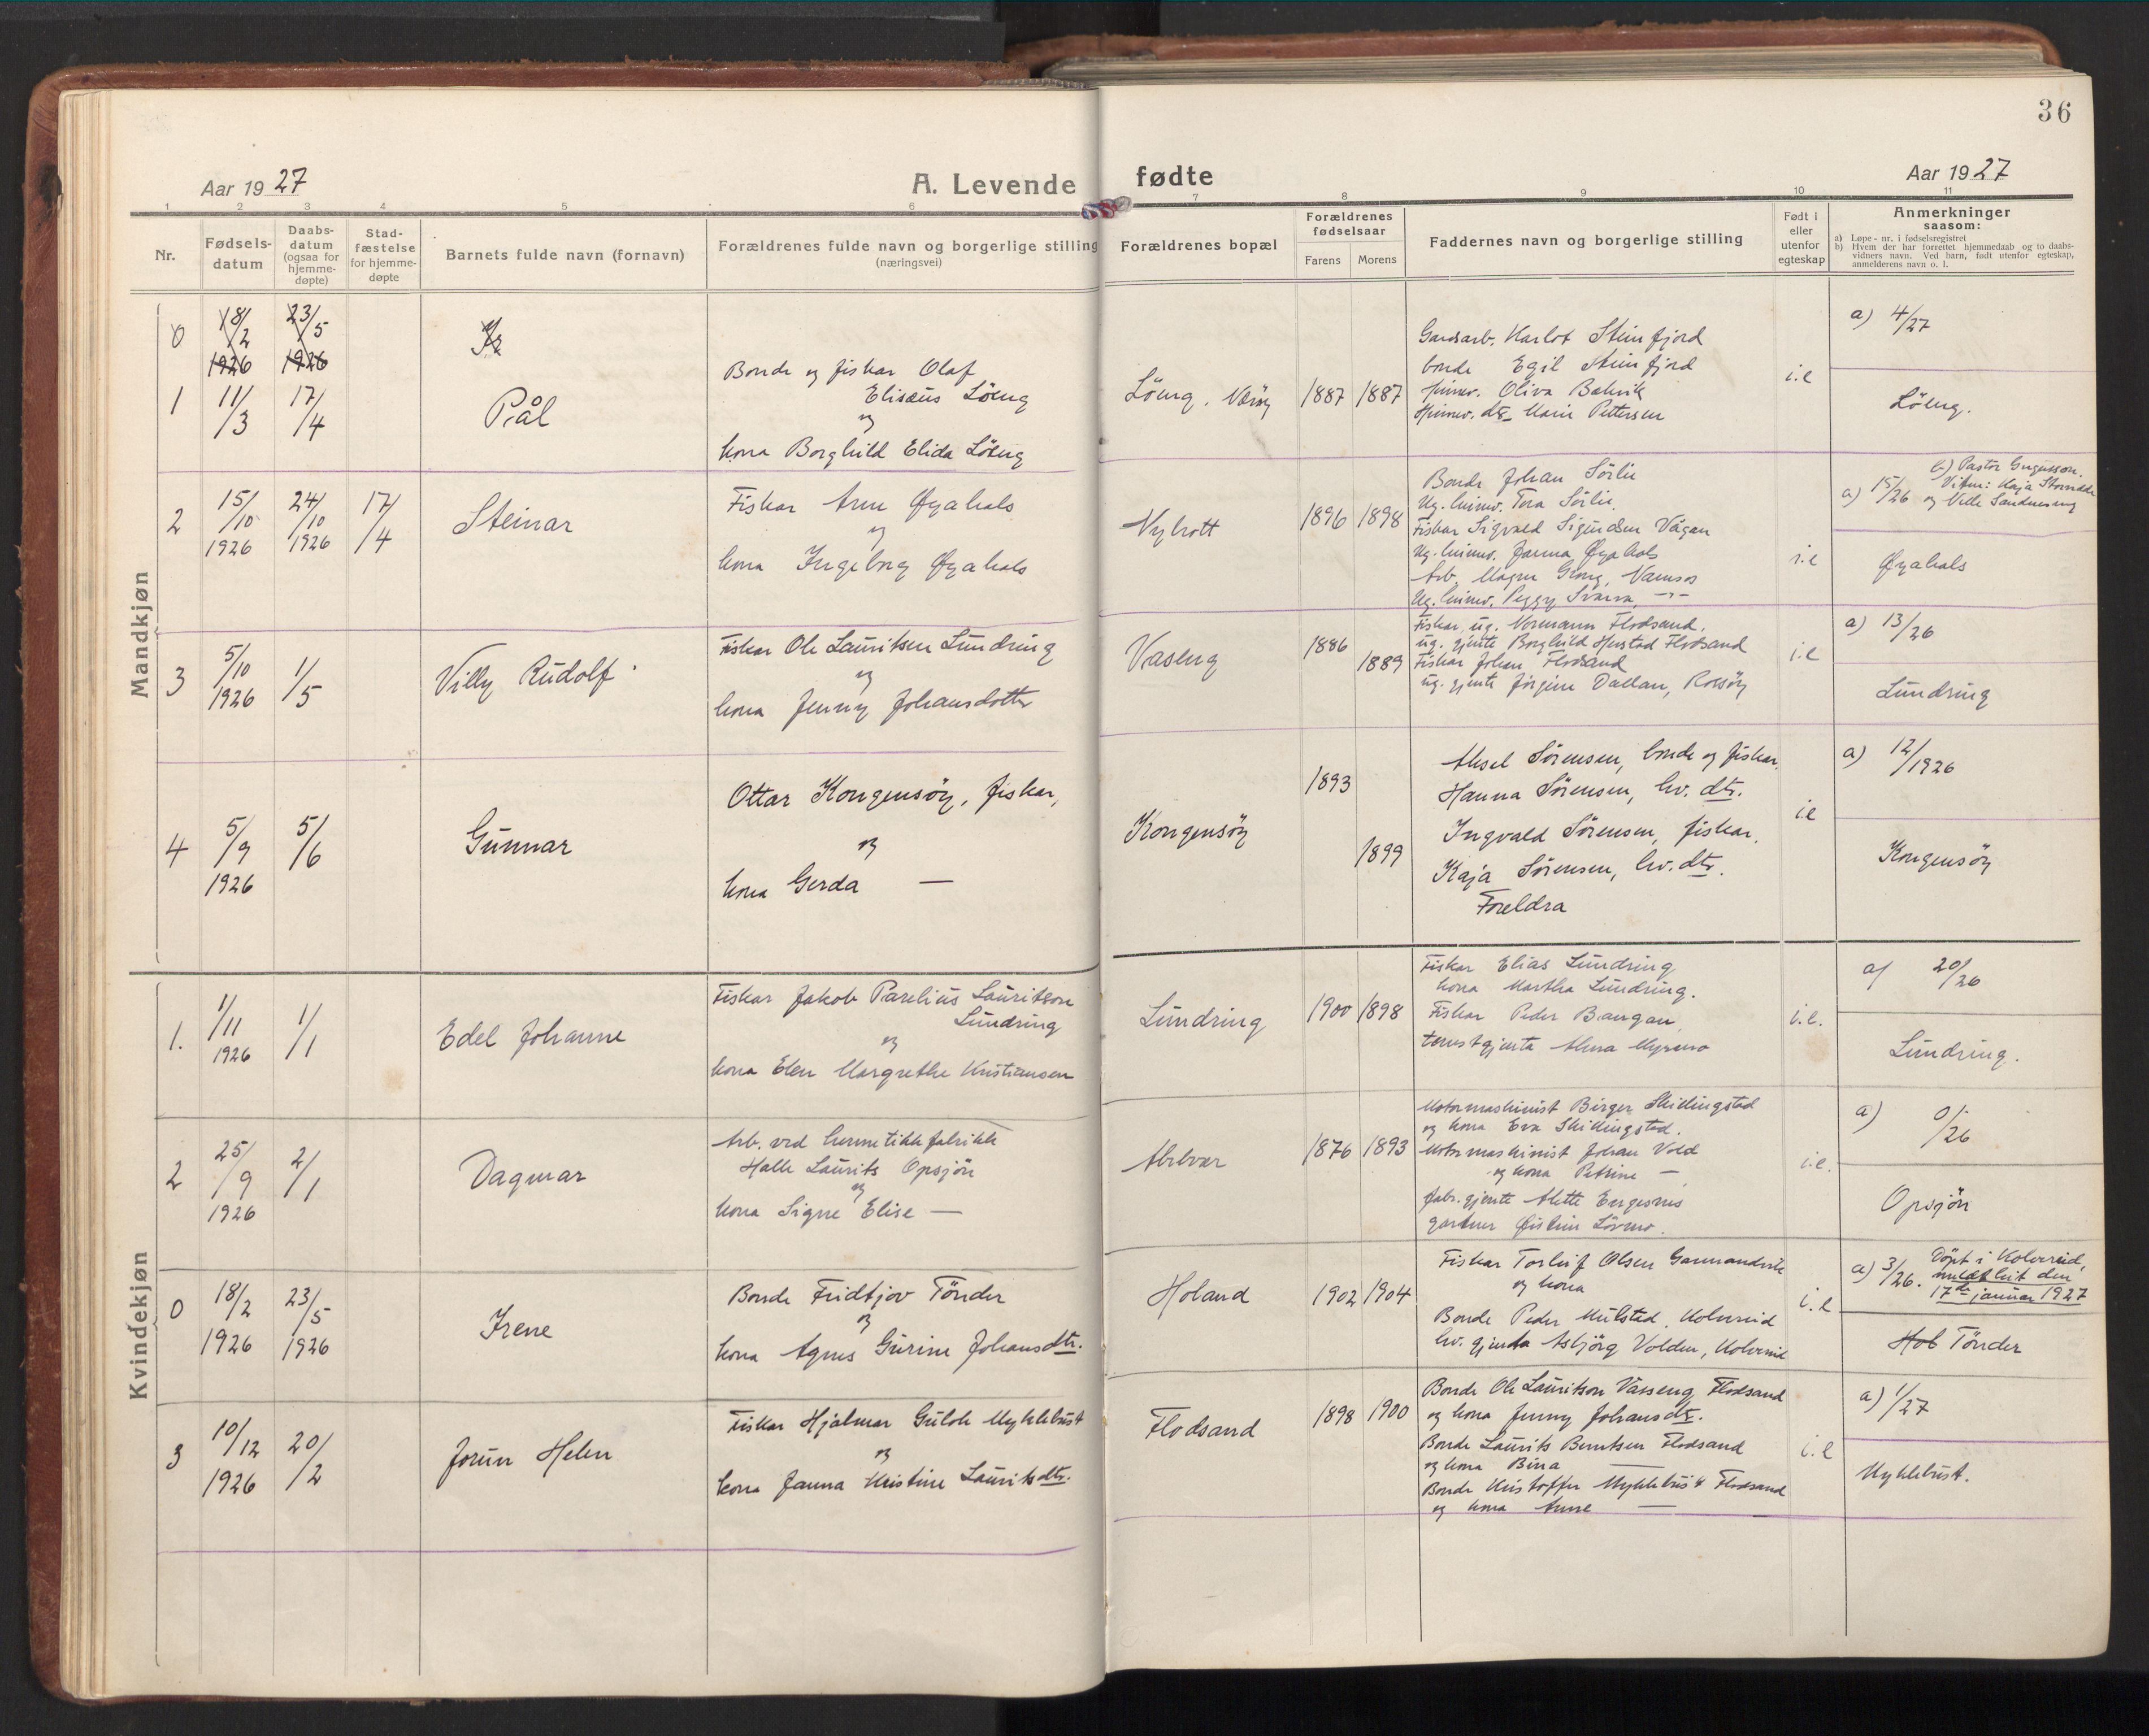 SAT, Ministerialprotokoller, klokkerbøker og fødselsregistre - Nord-Trøndelag, 784/L0678: Ministerialbok nr. 784A13, 1921-1938, s. 36